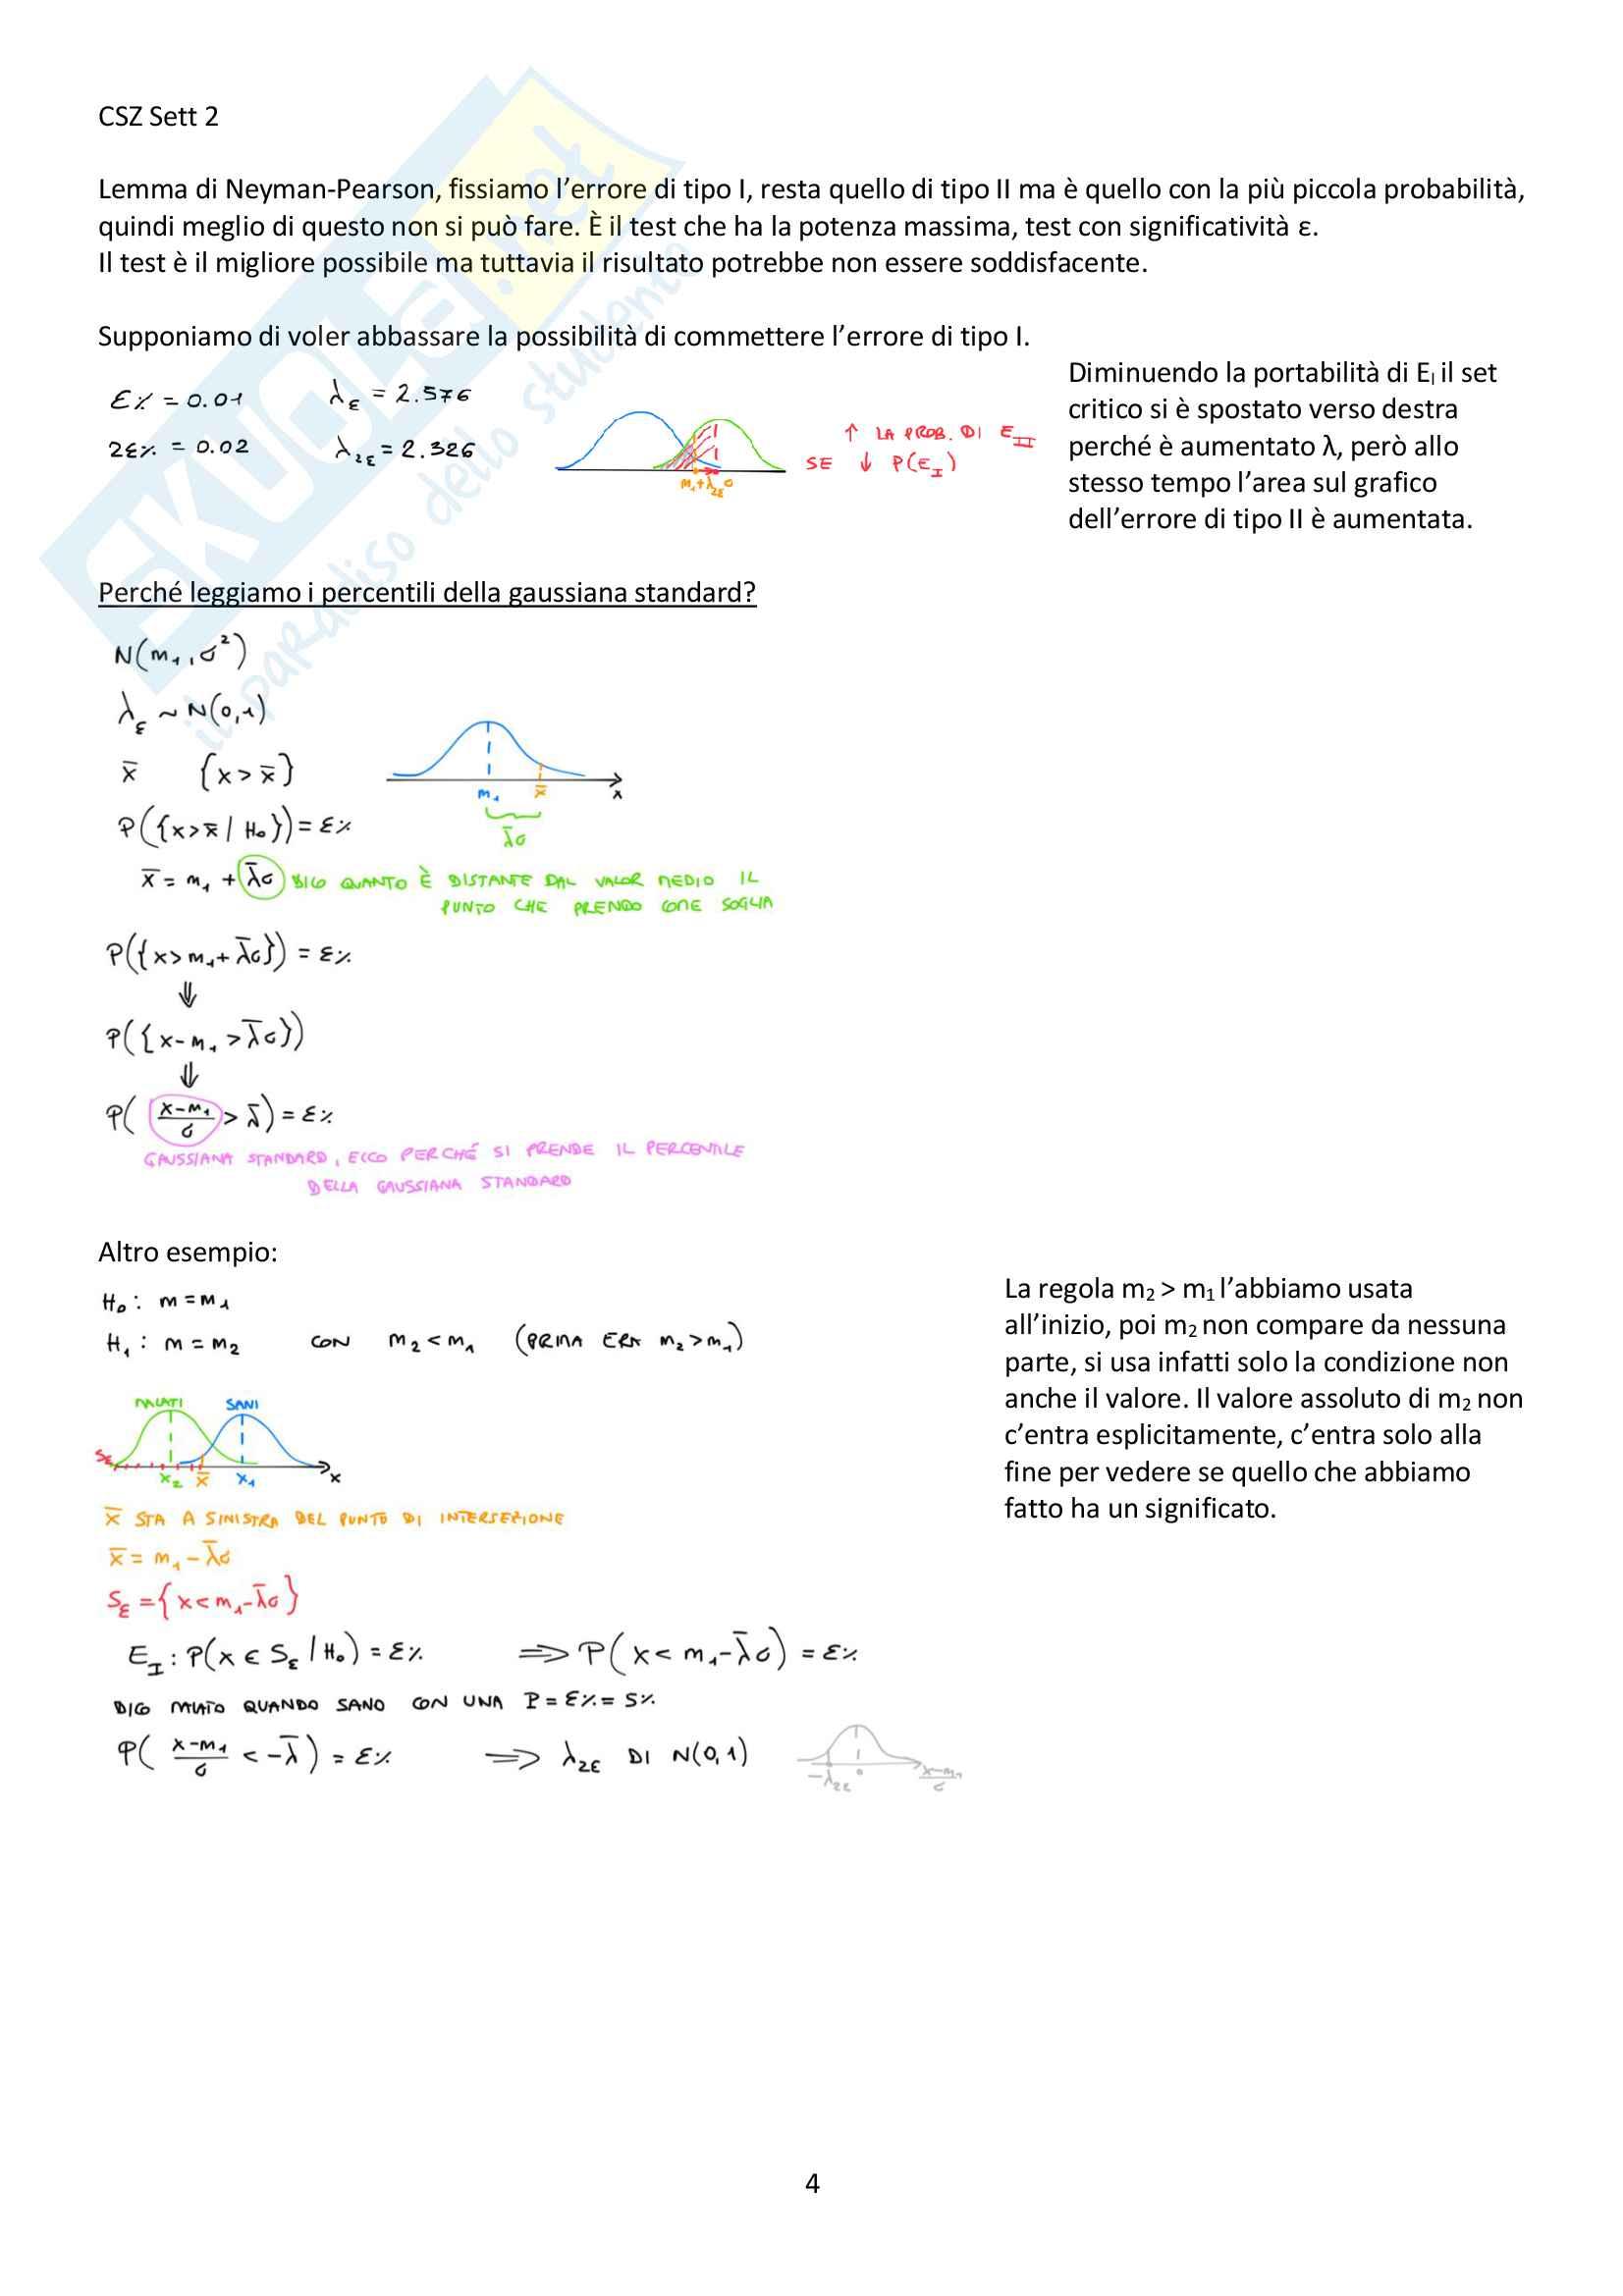 Appunti del corso Modellistica e identificazione, prof. De Santis Pag. 11